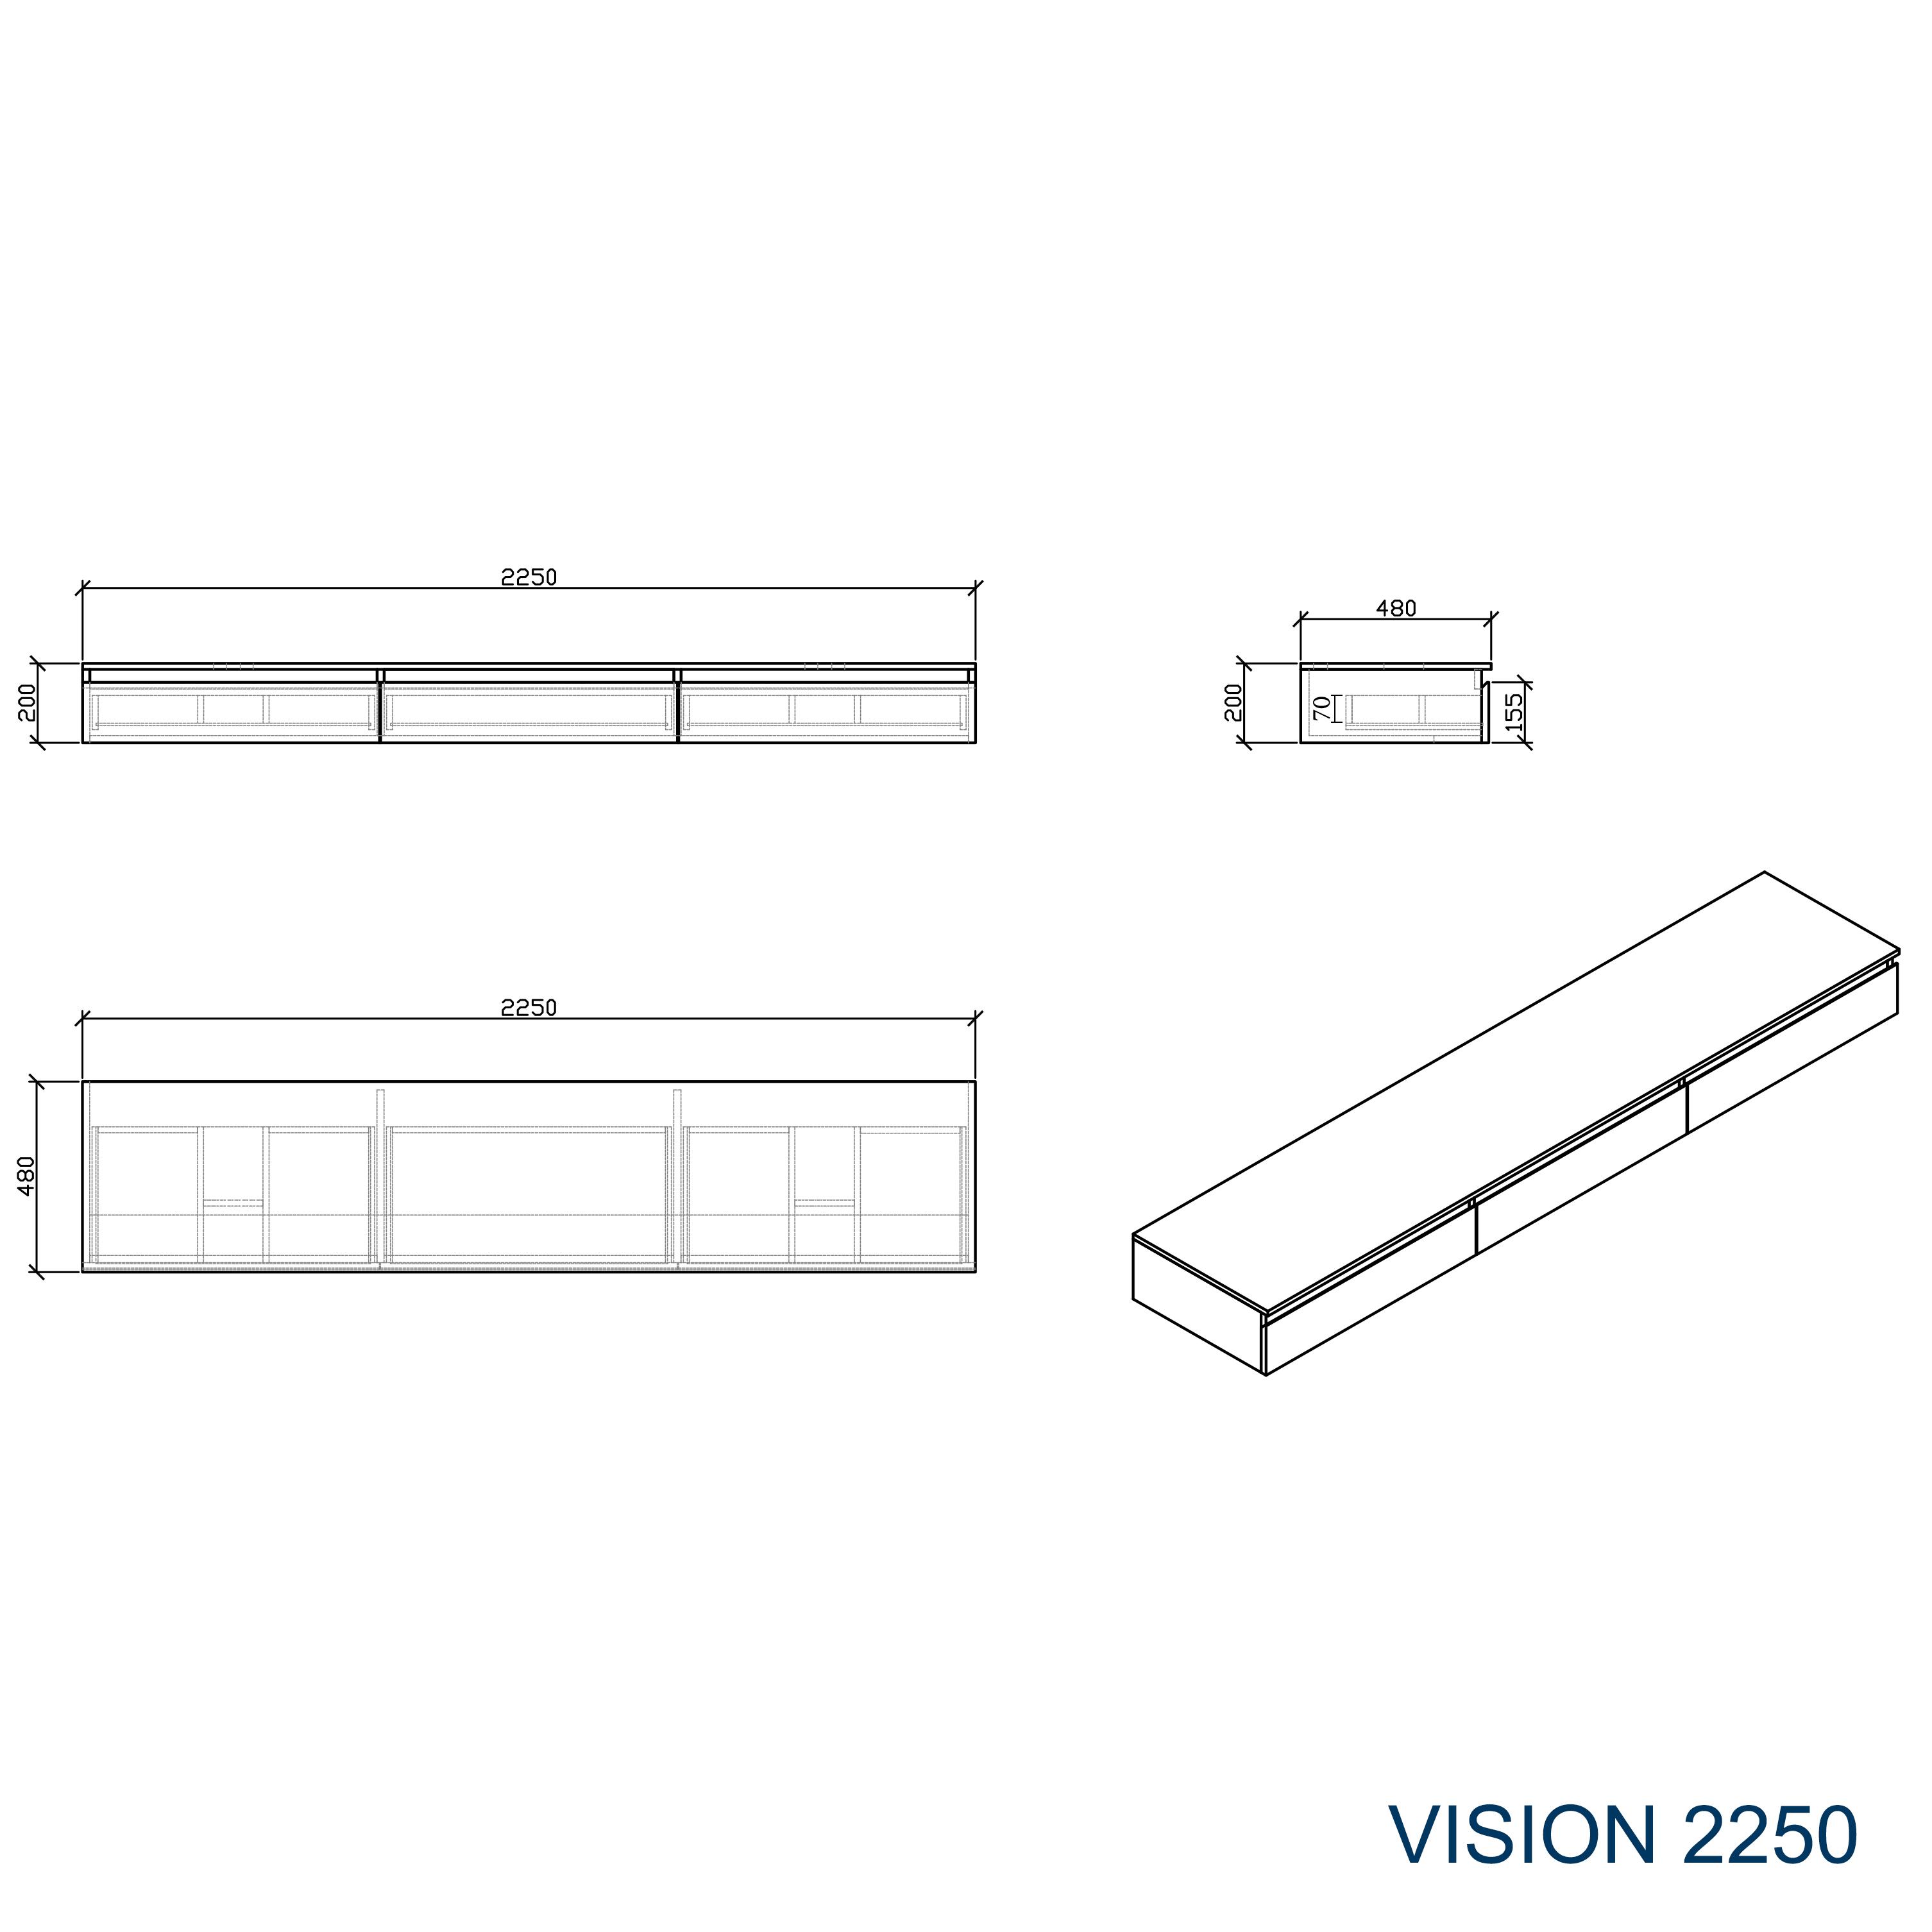 Vision 2250 - Drawing